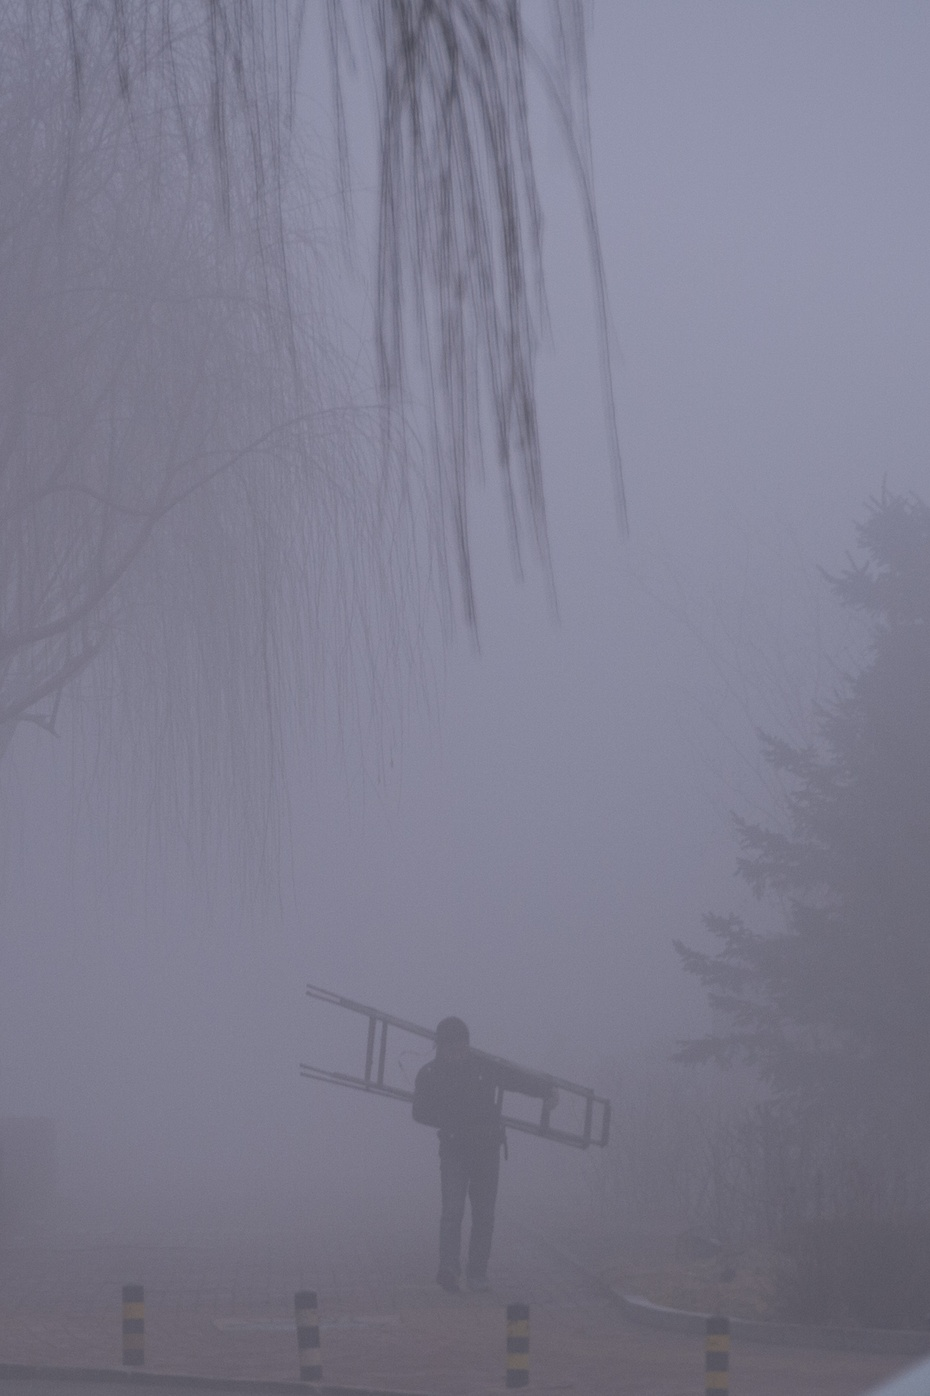 长春浓雾 空气质量却很好 - 东亚影像 - 东亚影像